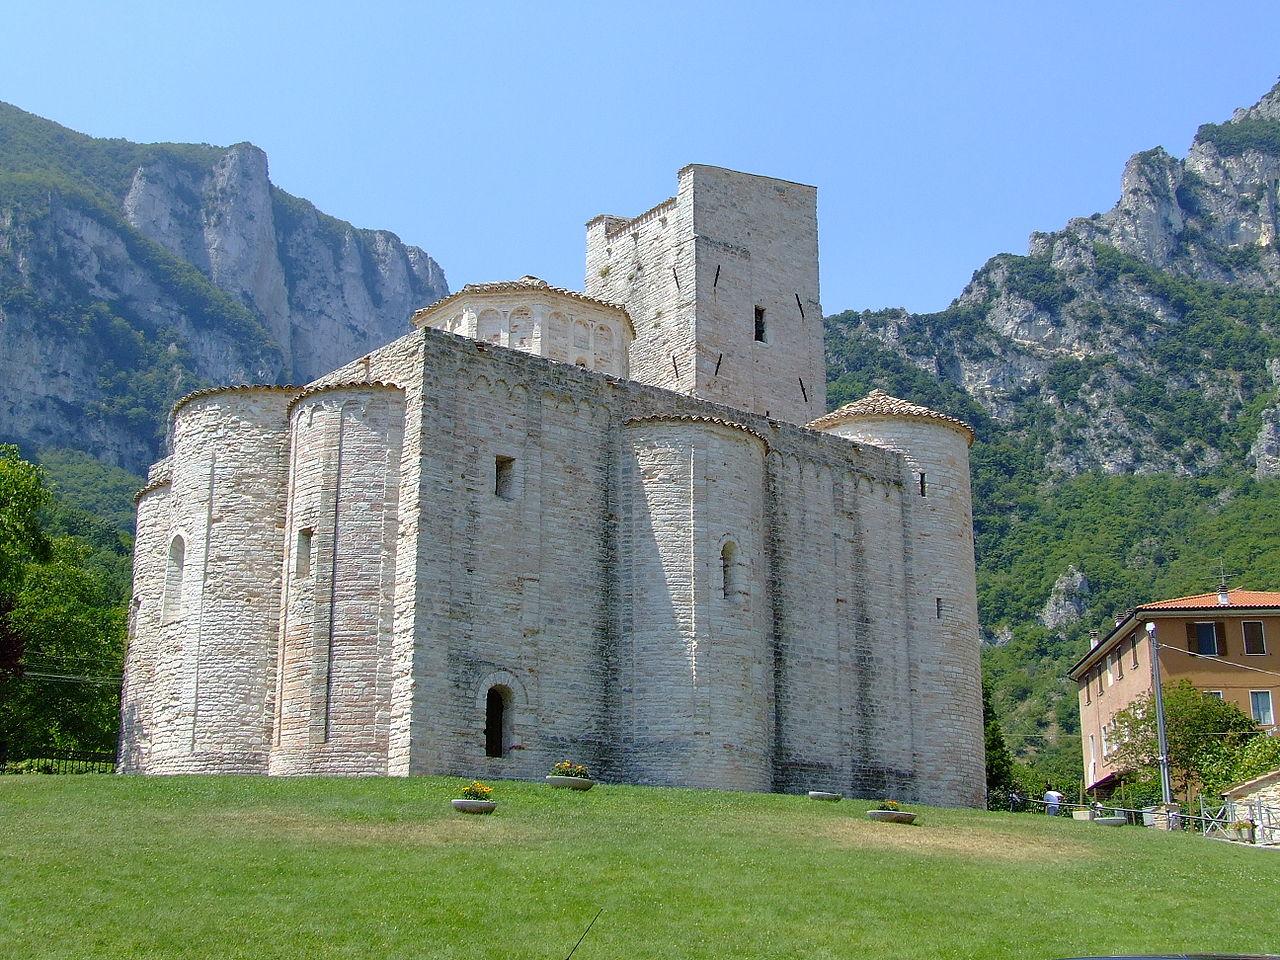 Una visita all'Abbazia di San Vittore alle Chiuse (Ancona)